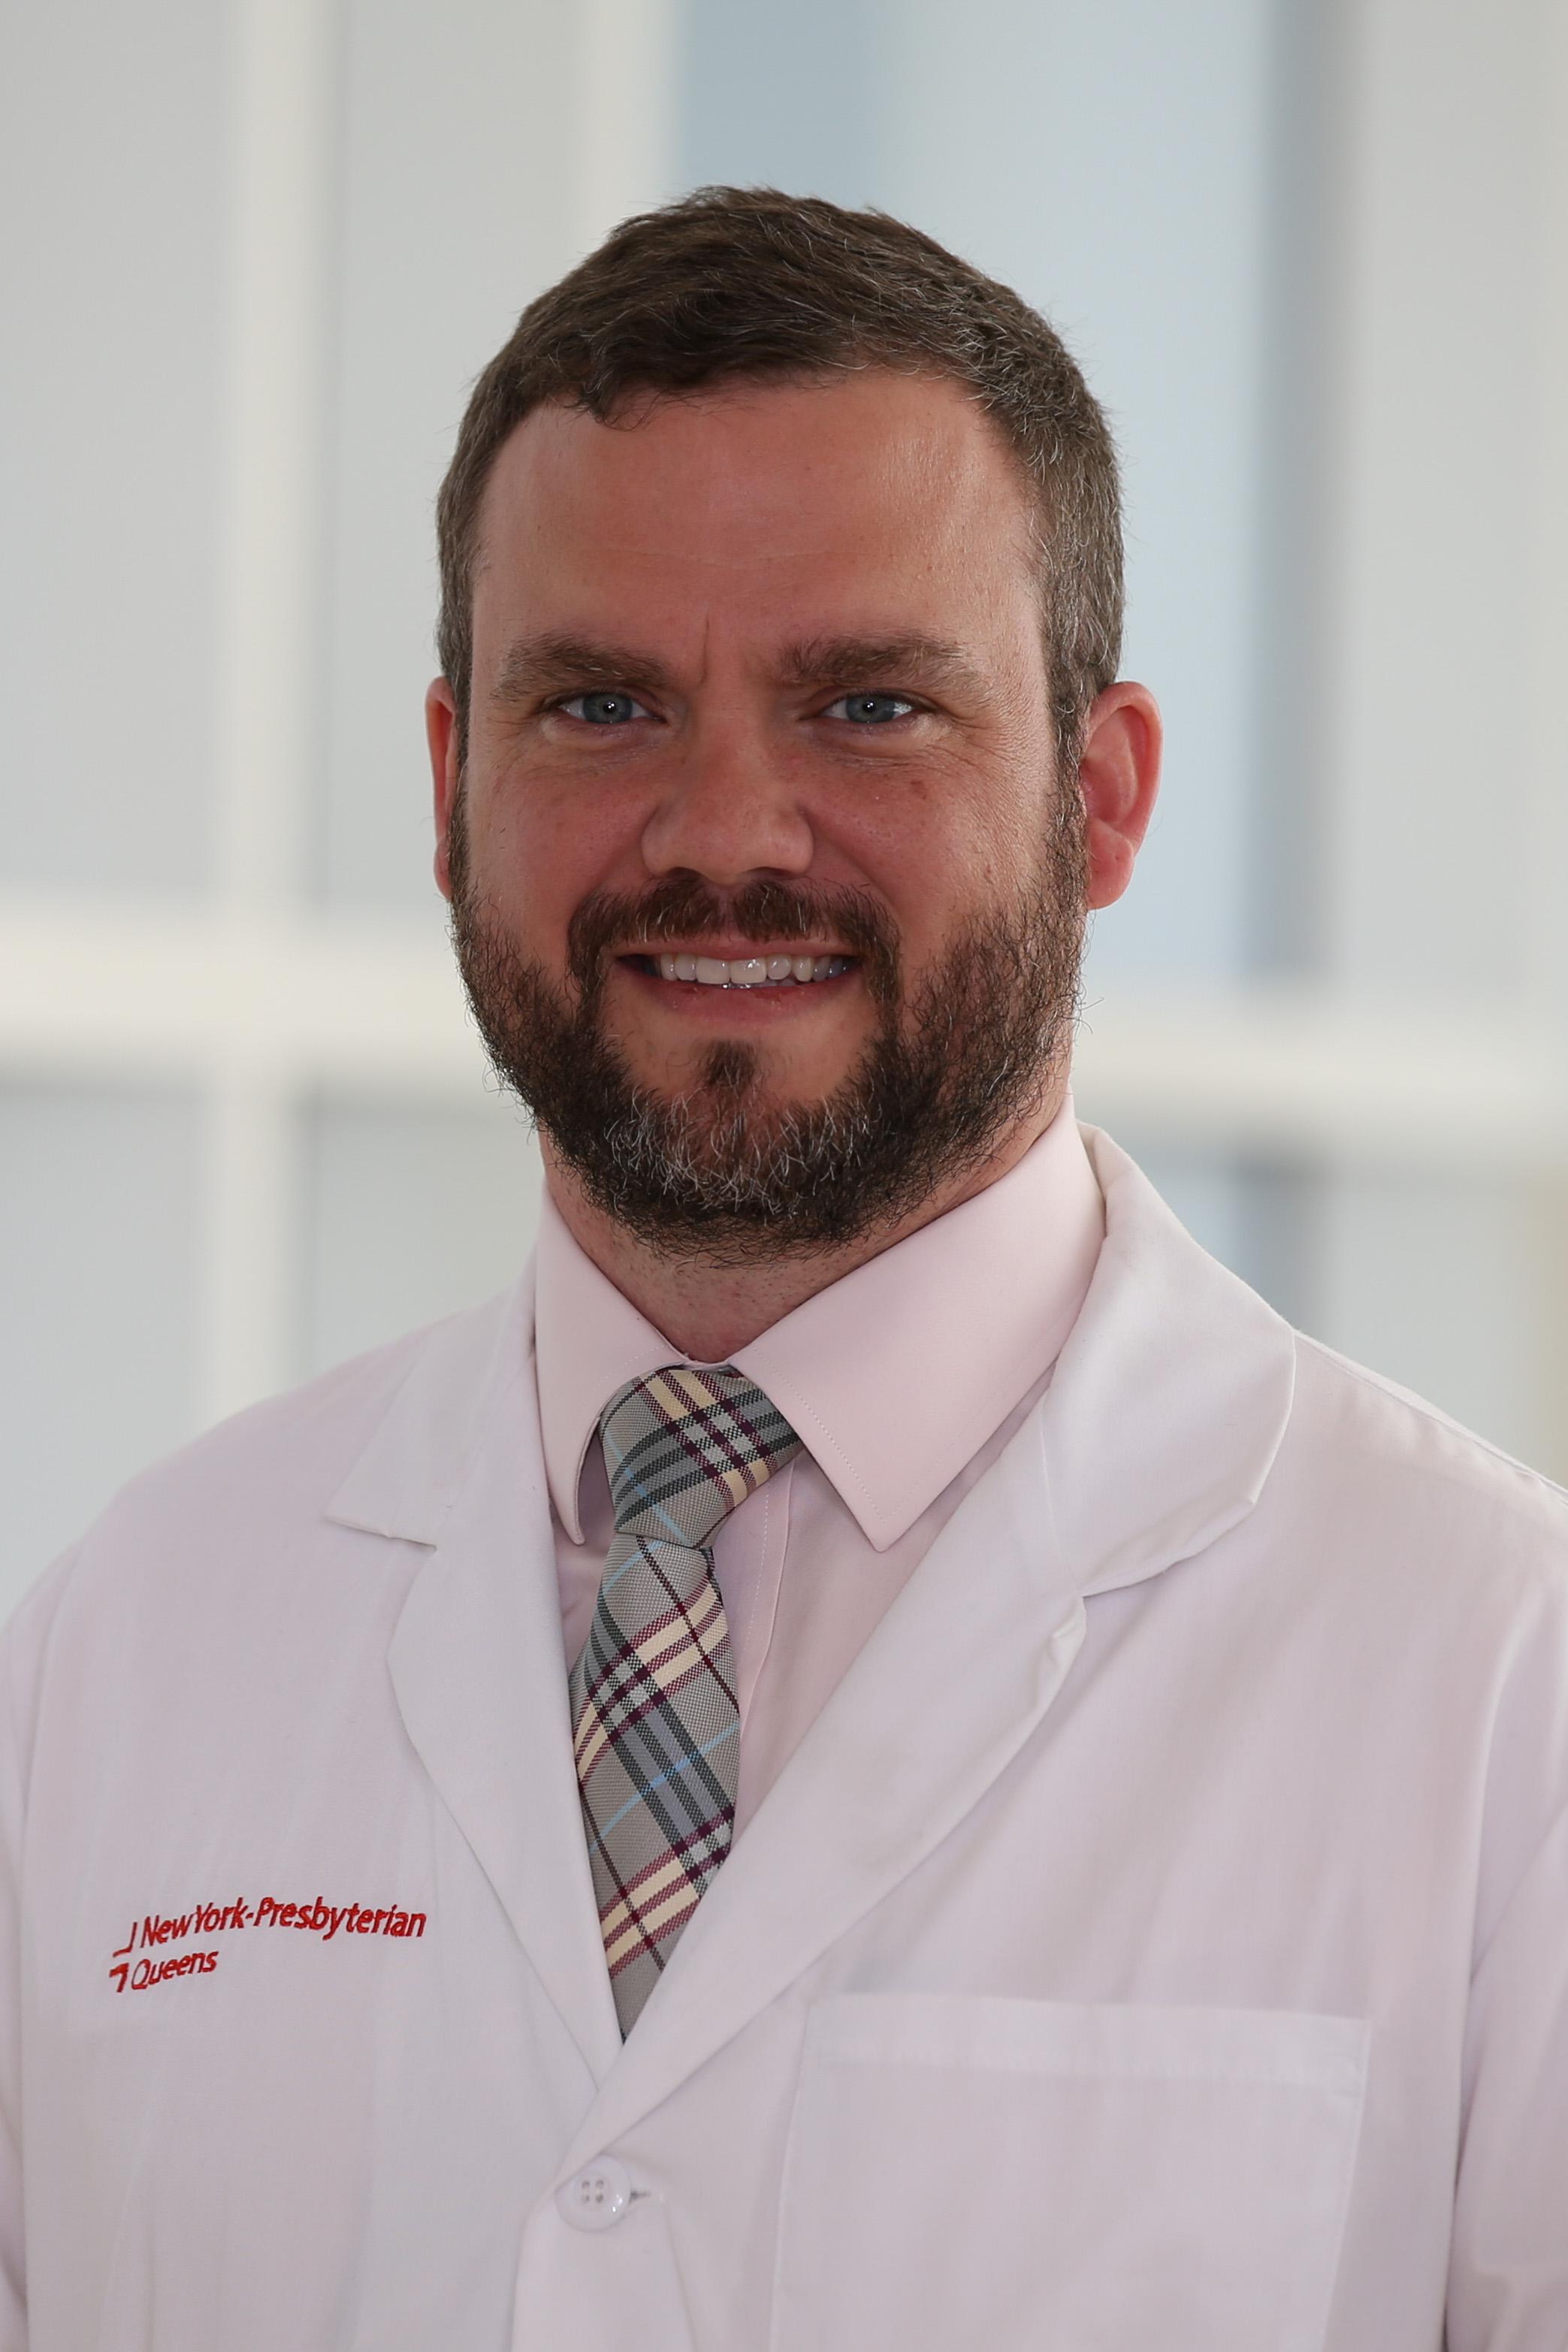 Jeremy R. Wiygul, MD